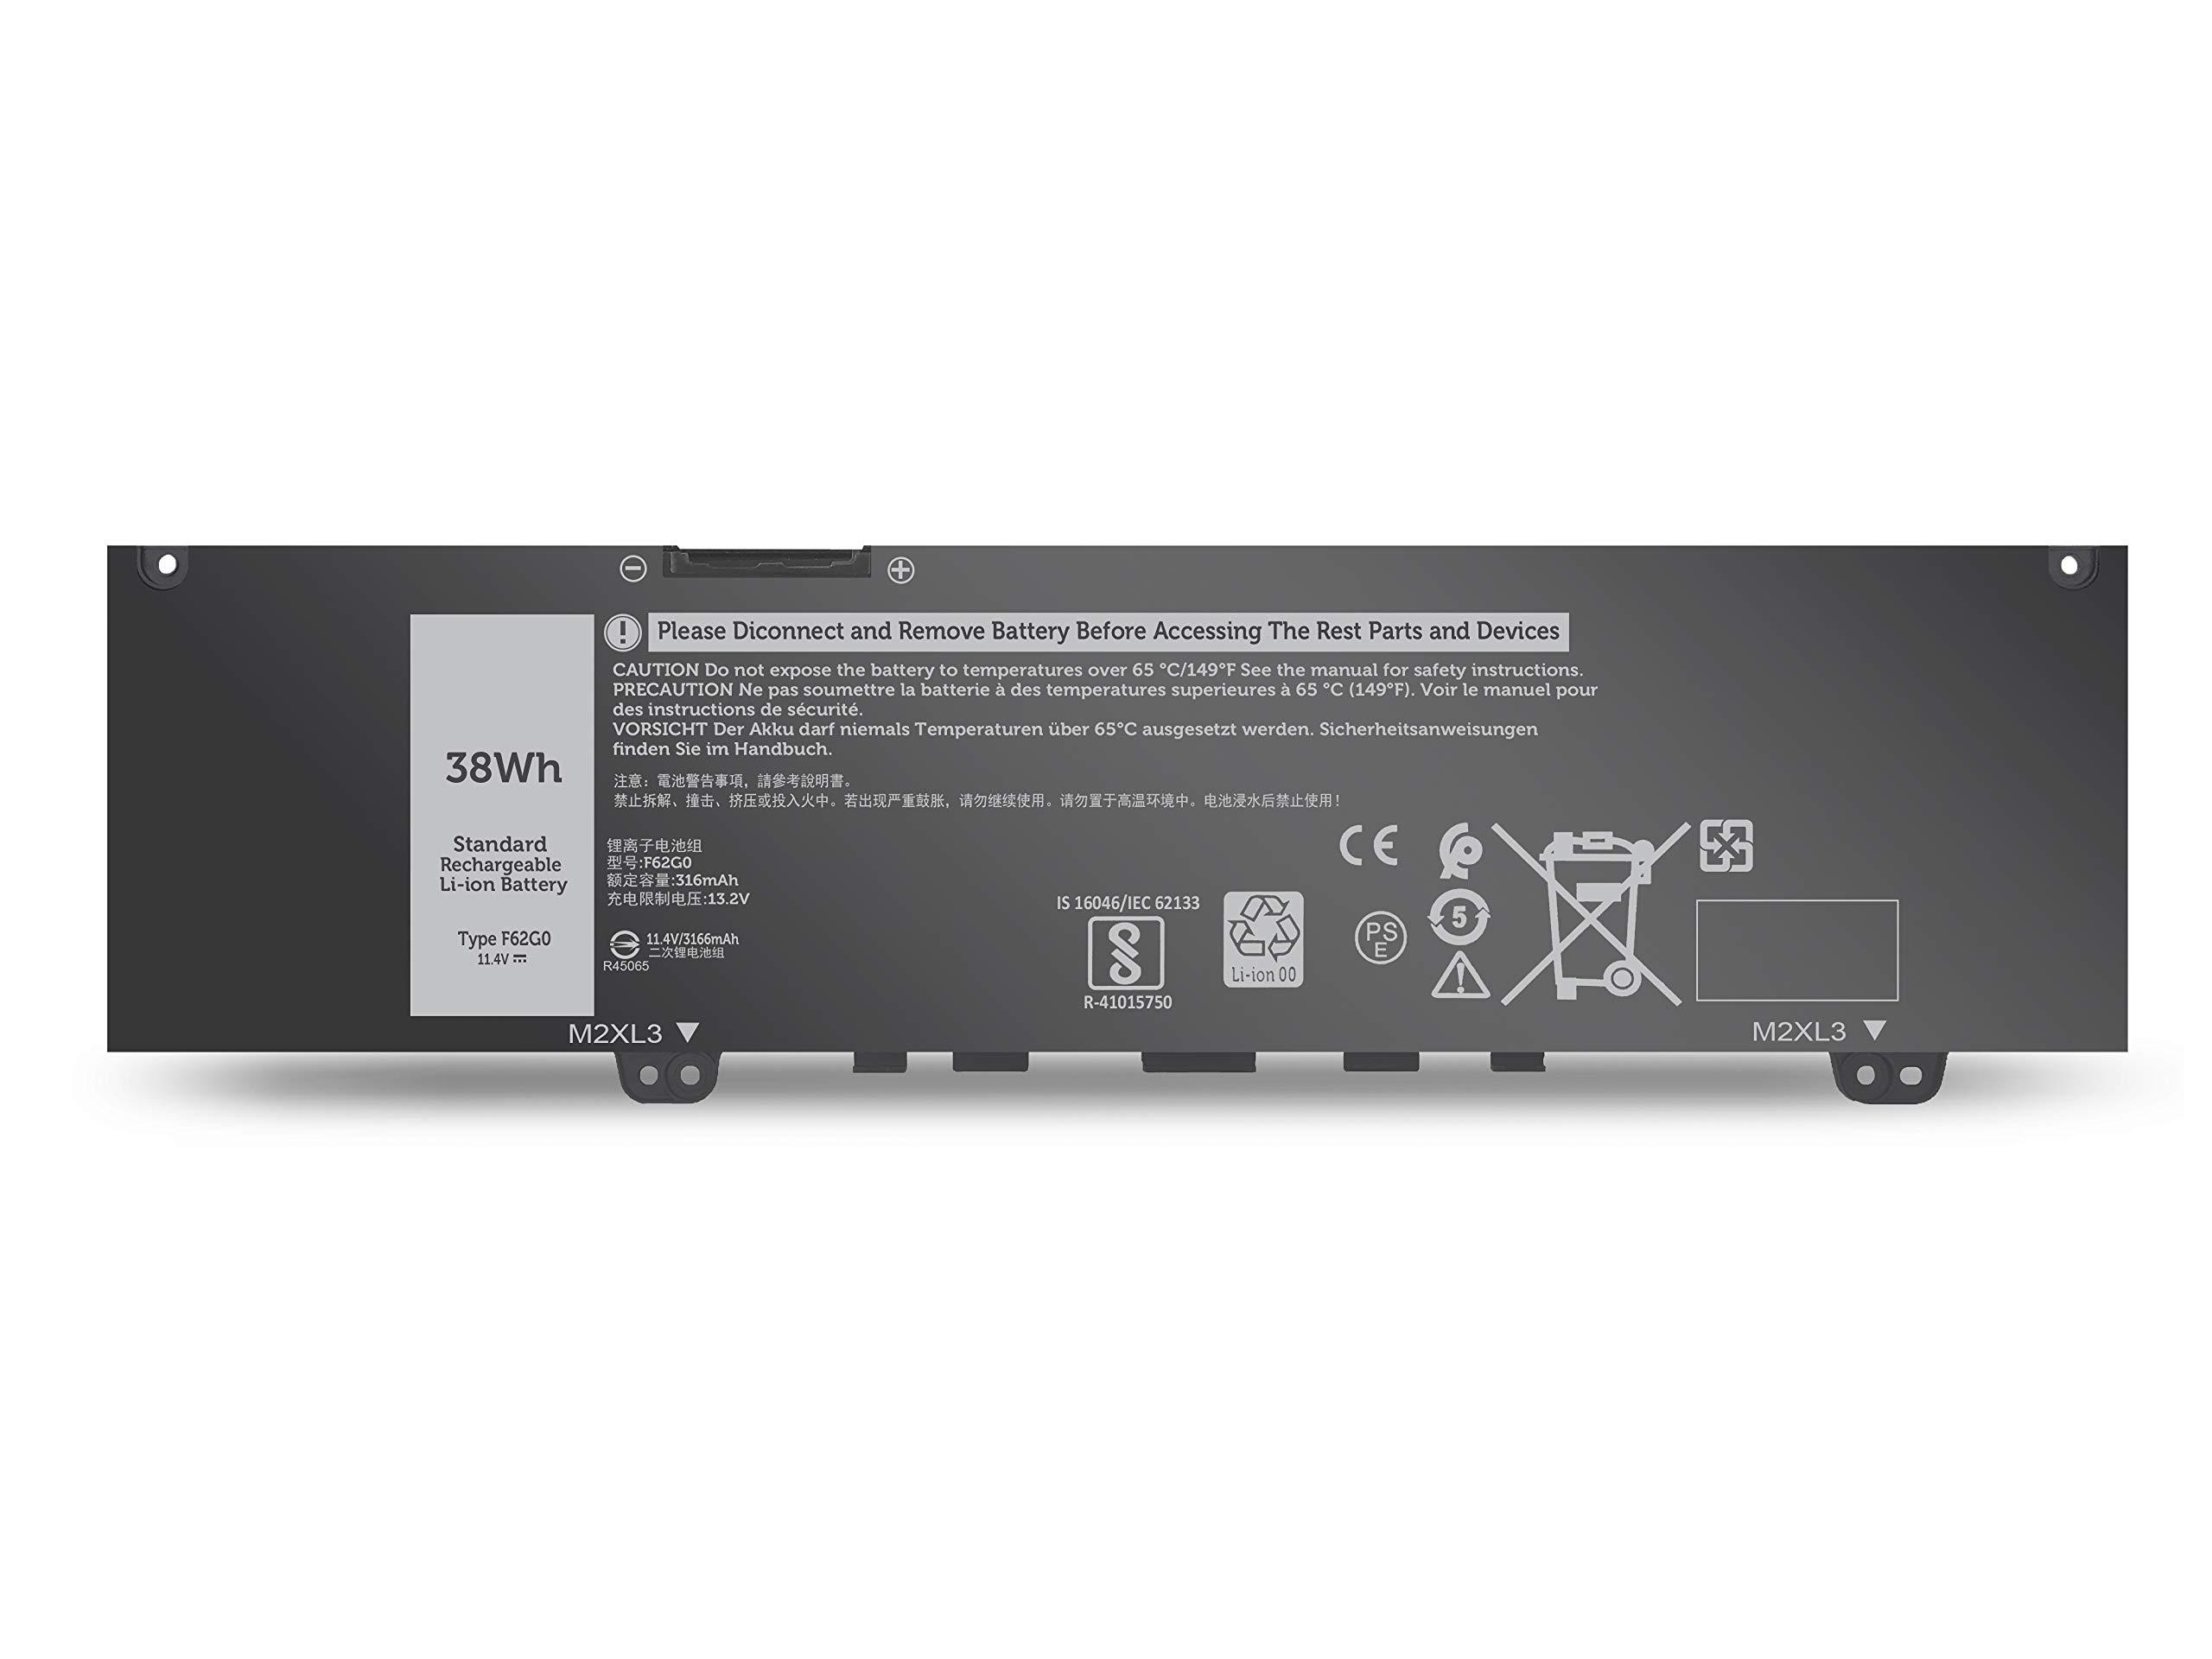 Bateria F62G0 Dell Inspiron 13 5370 7370 7373 7380 7386 Vost